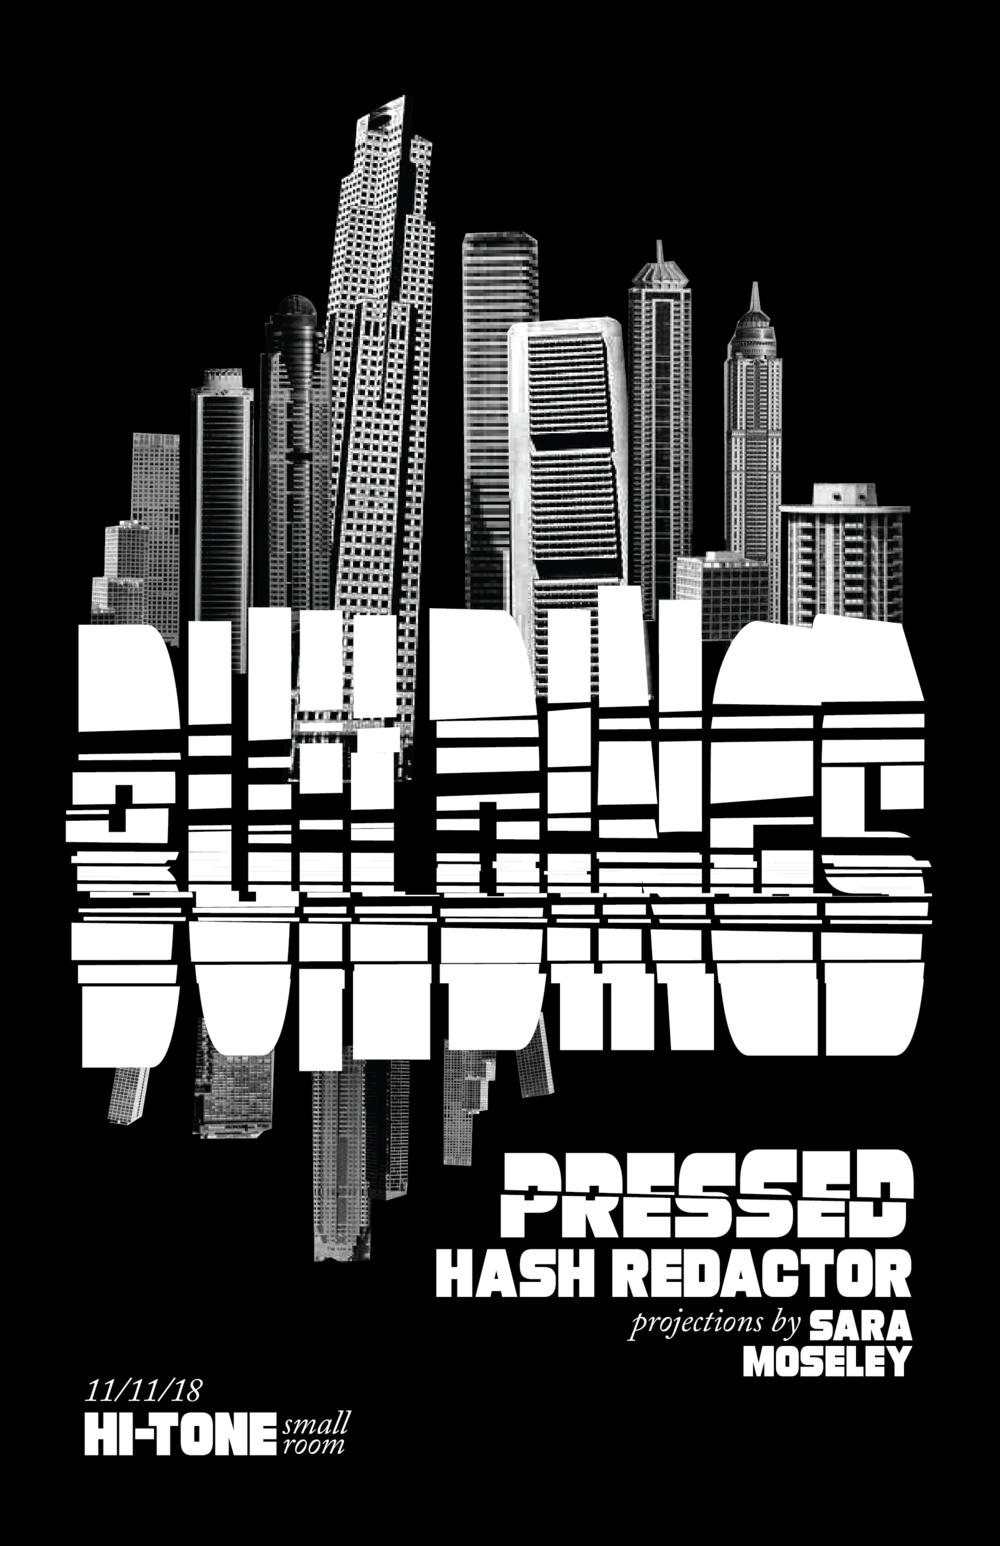 Buildings / Pressed / Hash Redactor